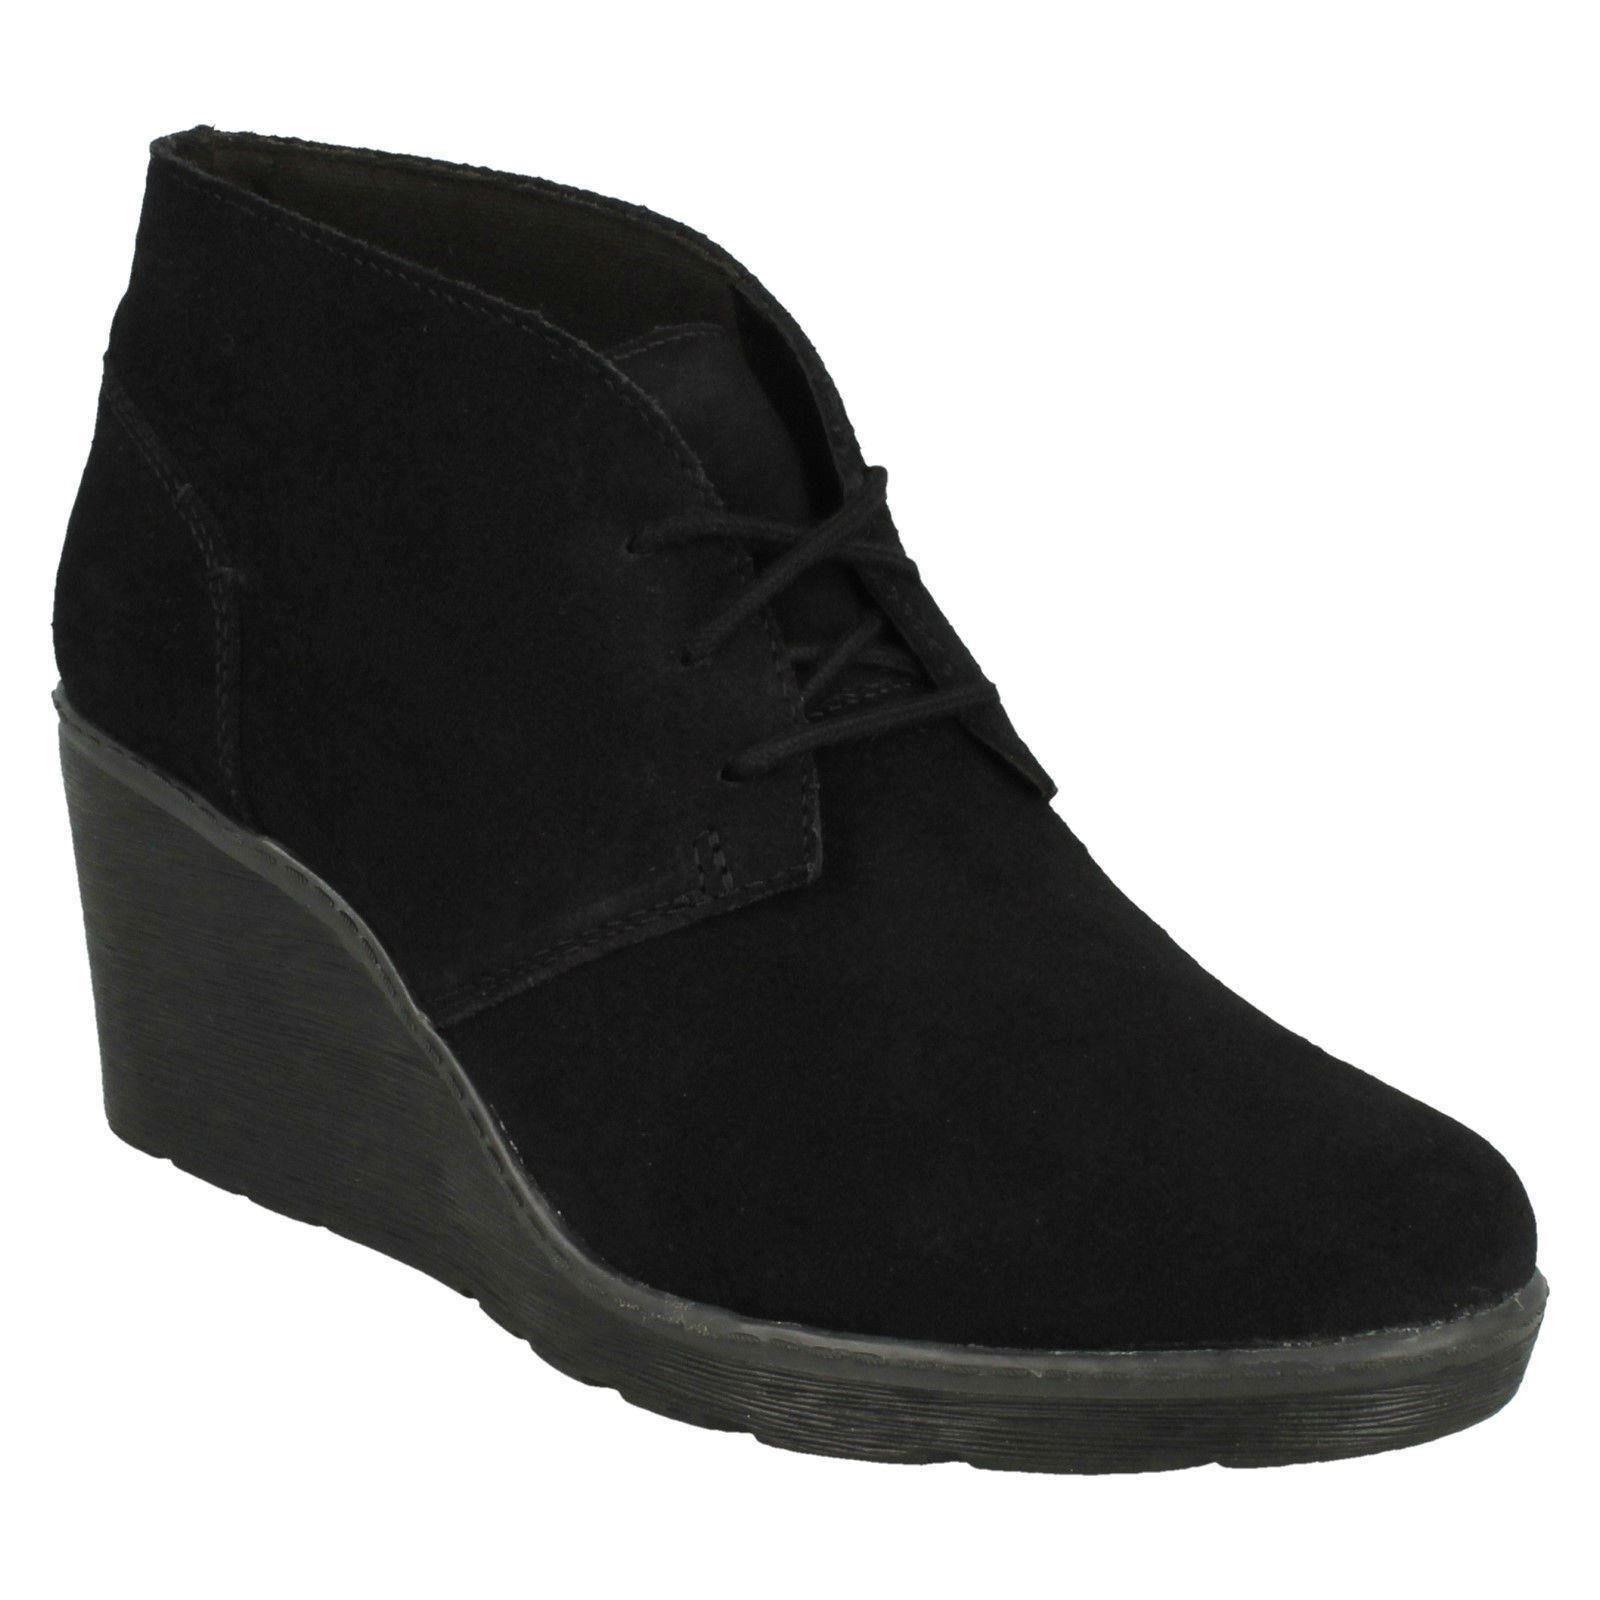 Hazen Encanto Señora Clarks Tacón Con Plataforma Con Con Con Cordones Cuero Inteligente botas al Tobillo Informales  tomamos a los clientes como nuestro dios